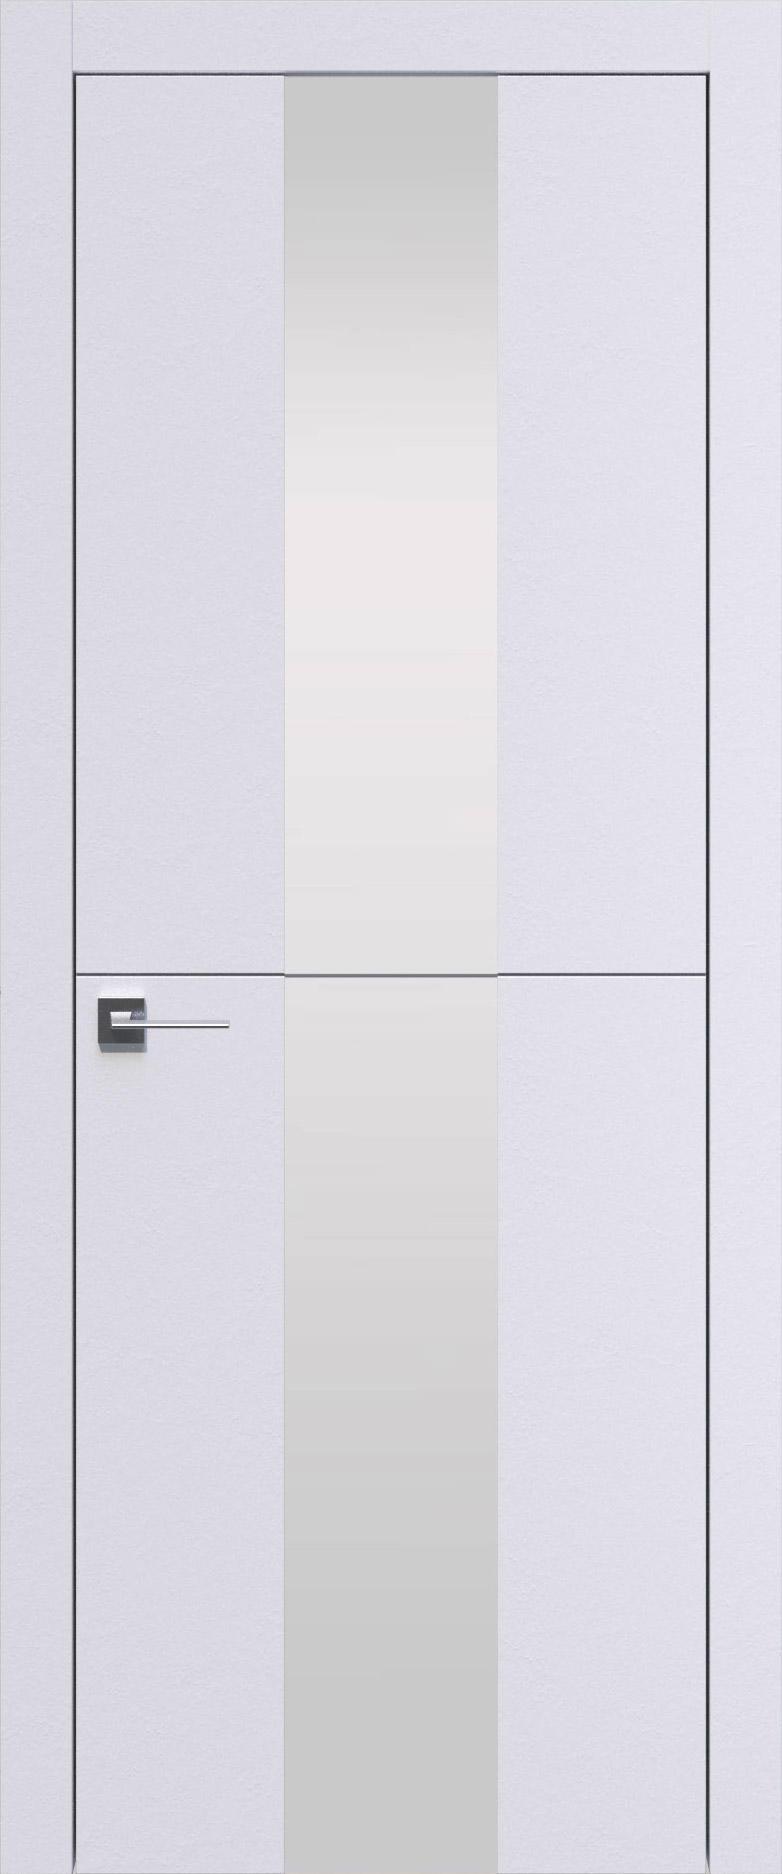 Tivoli Ж-3 цвет - Арктик белый Со стеклом (ДО)